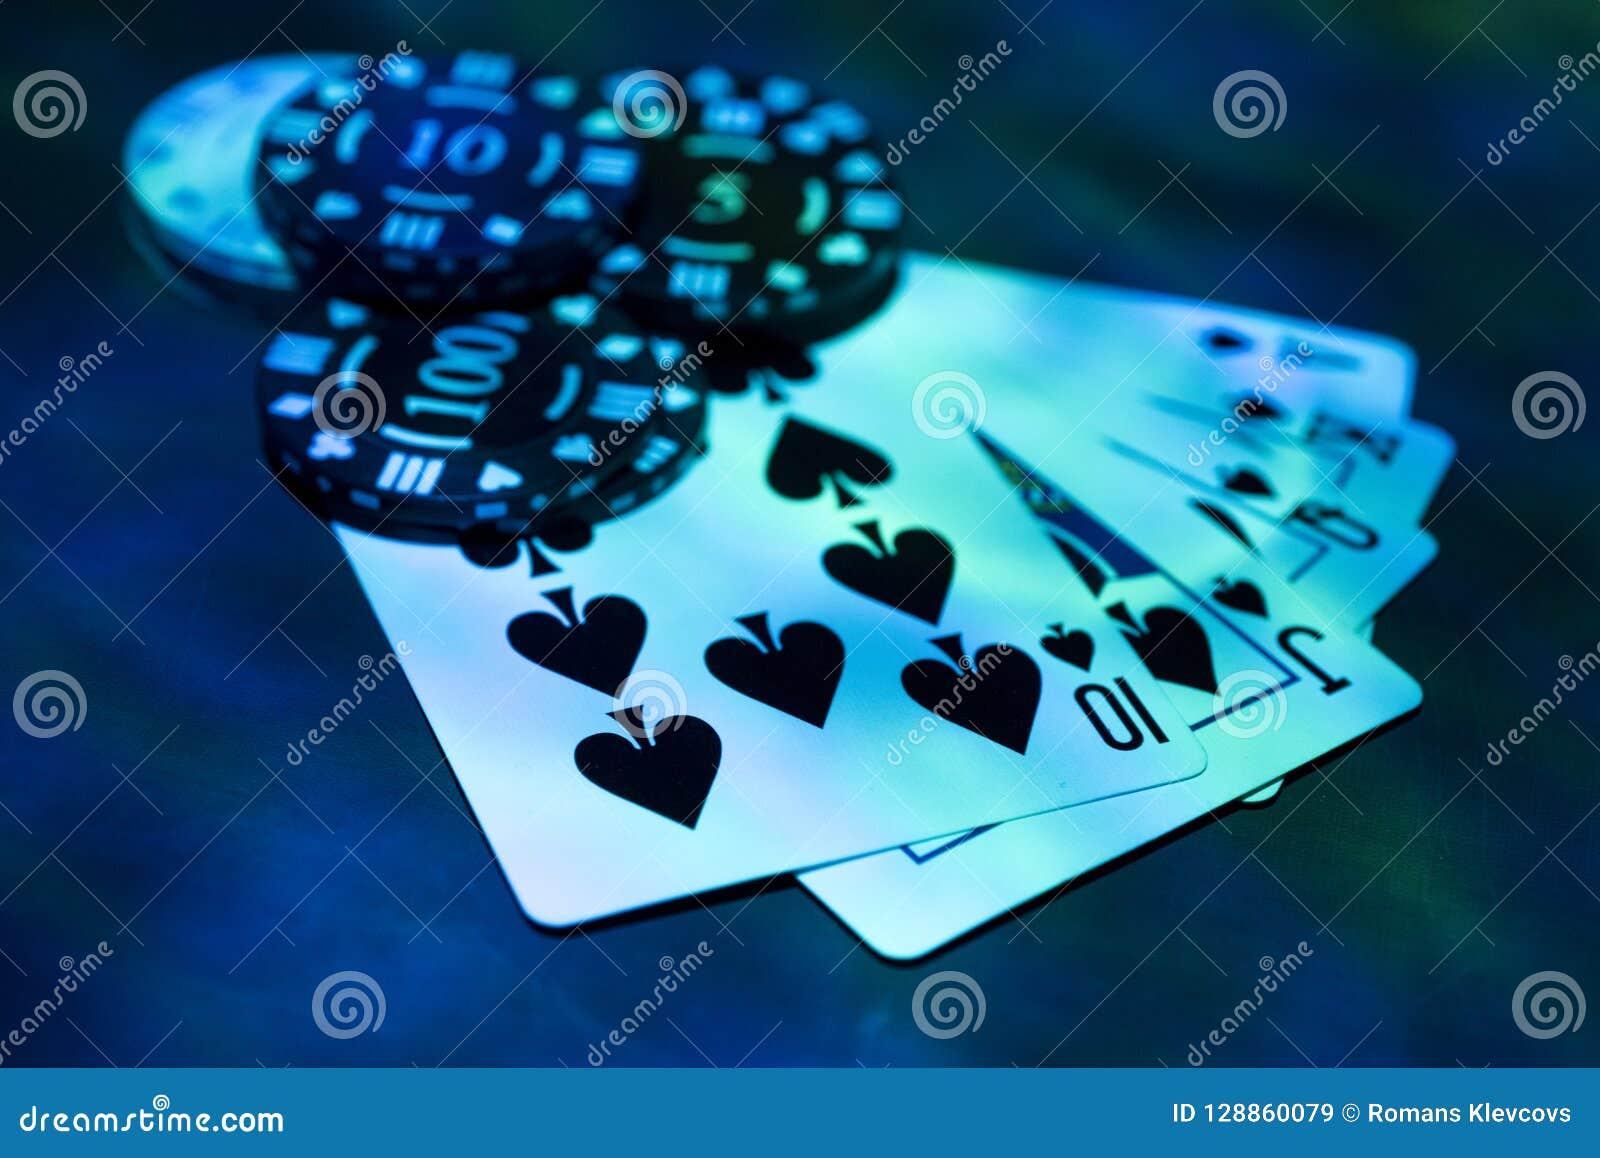 赌博娱乐场抽象照片 在红色背景的扑克牌游戏 题材赌博